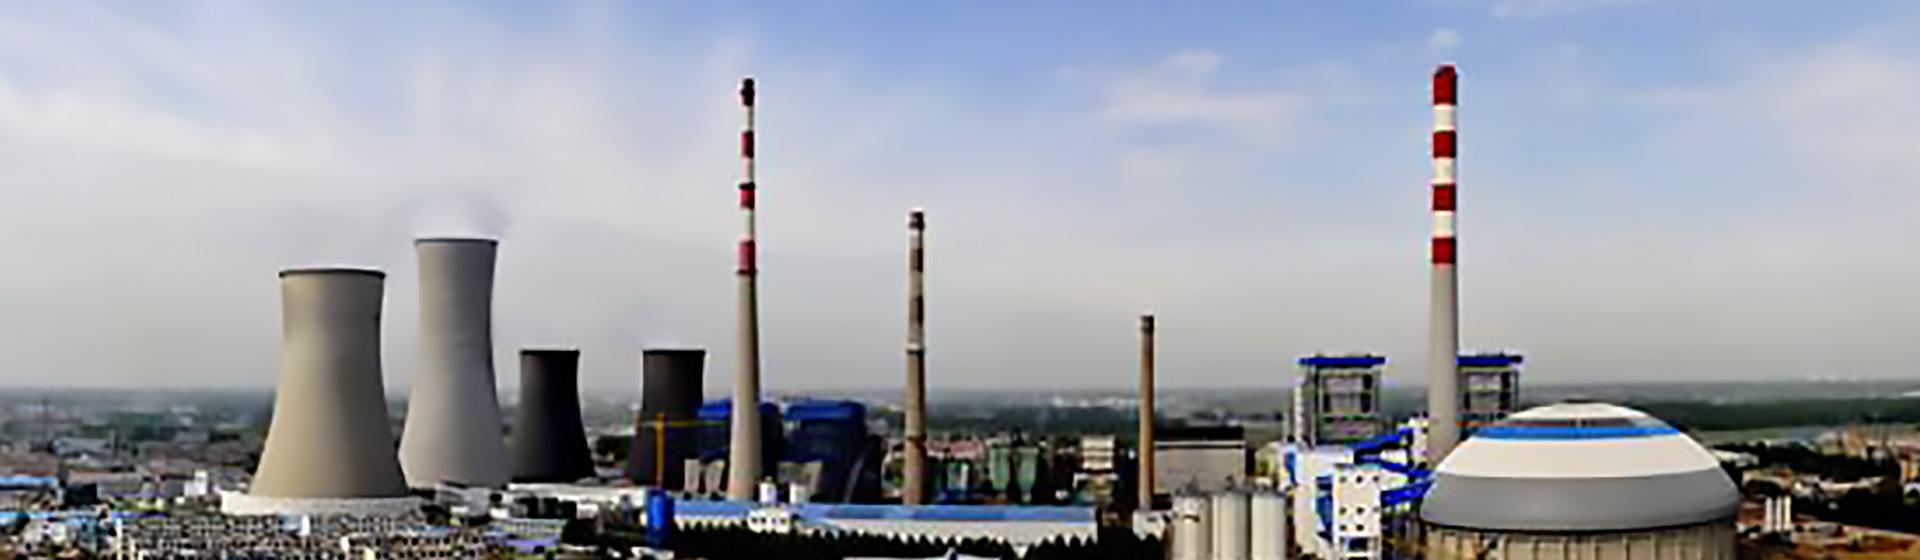 陕西威尼斯平台登录喷雾降温